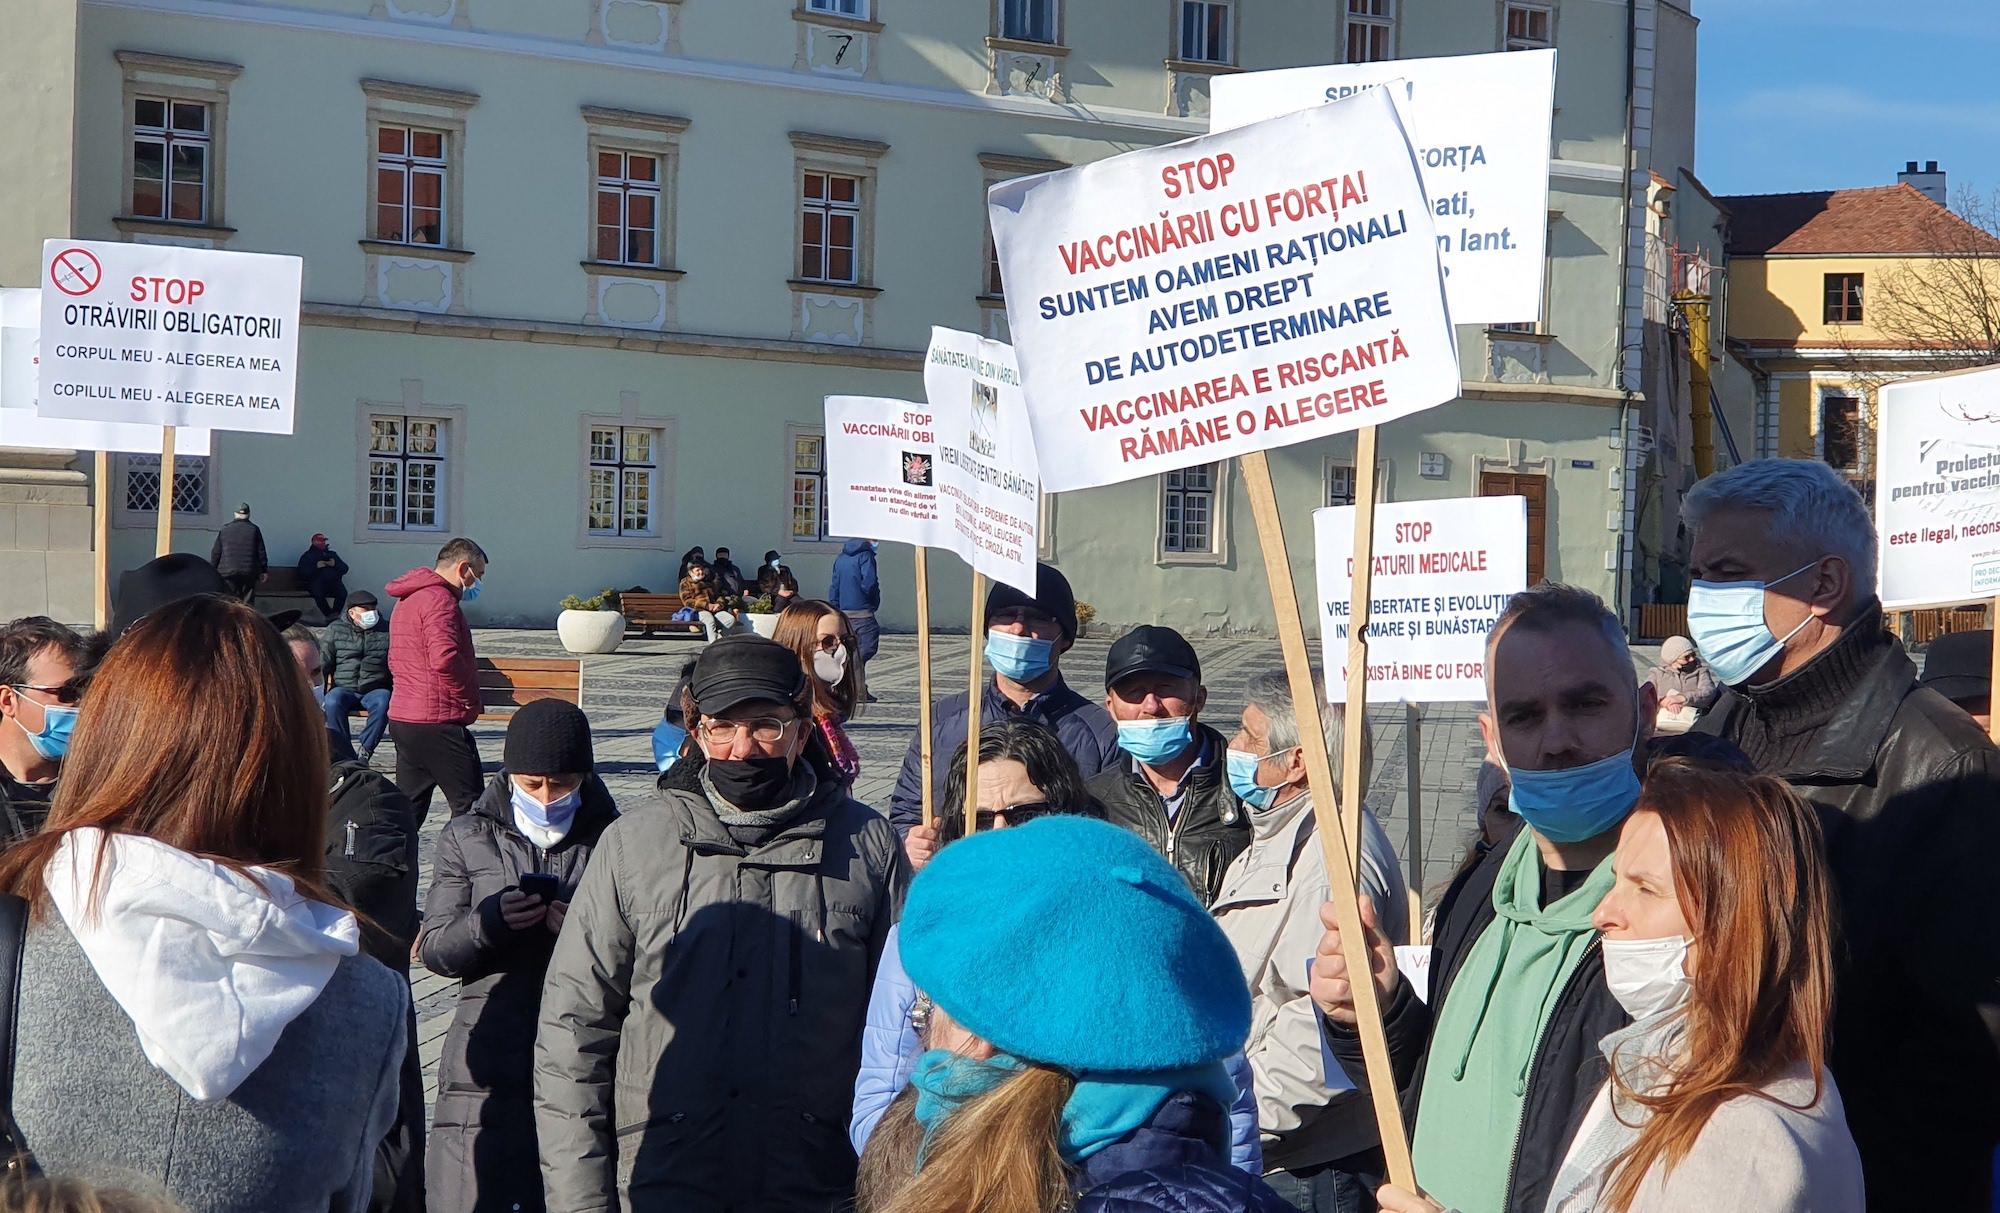 VIDEO 200 de sibieni la protestul împotriva vaccinării forțate. Între cei sătui de Covid-19 și cei care au citit legea